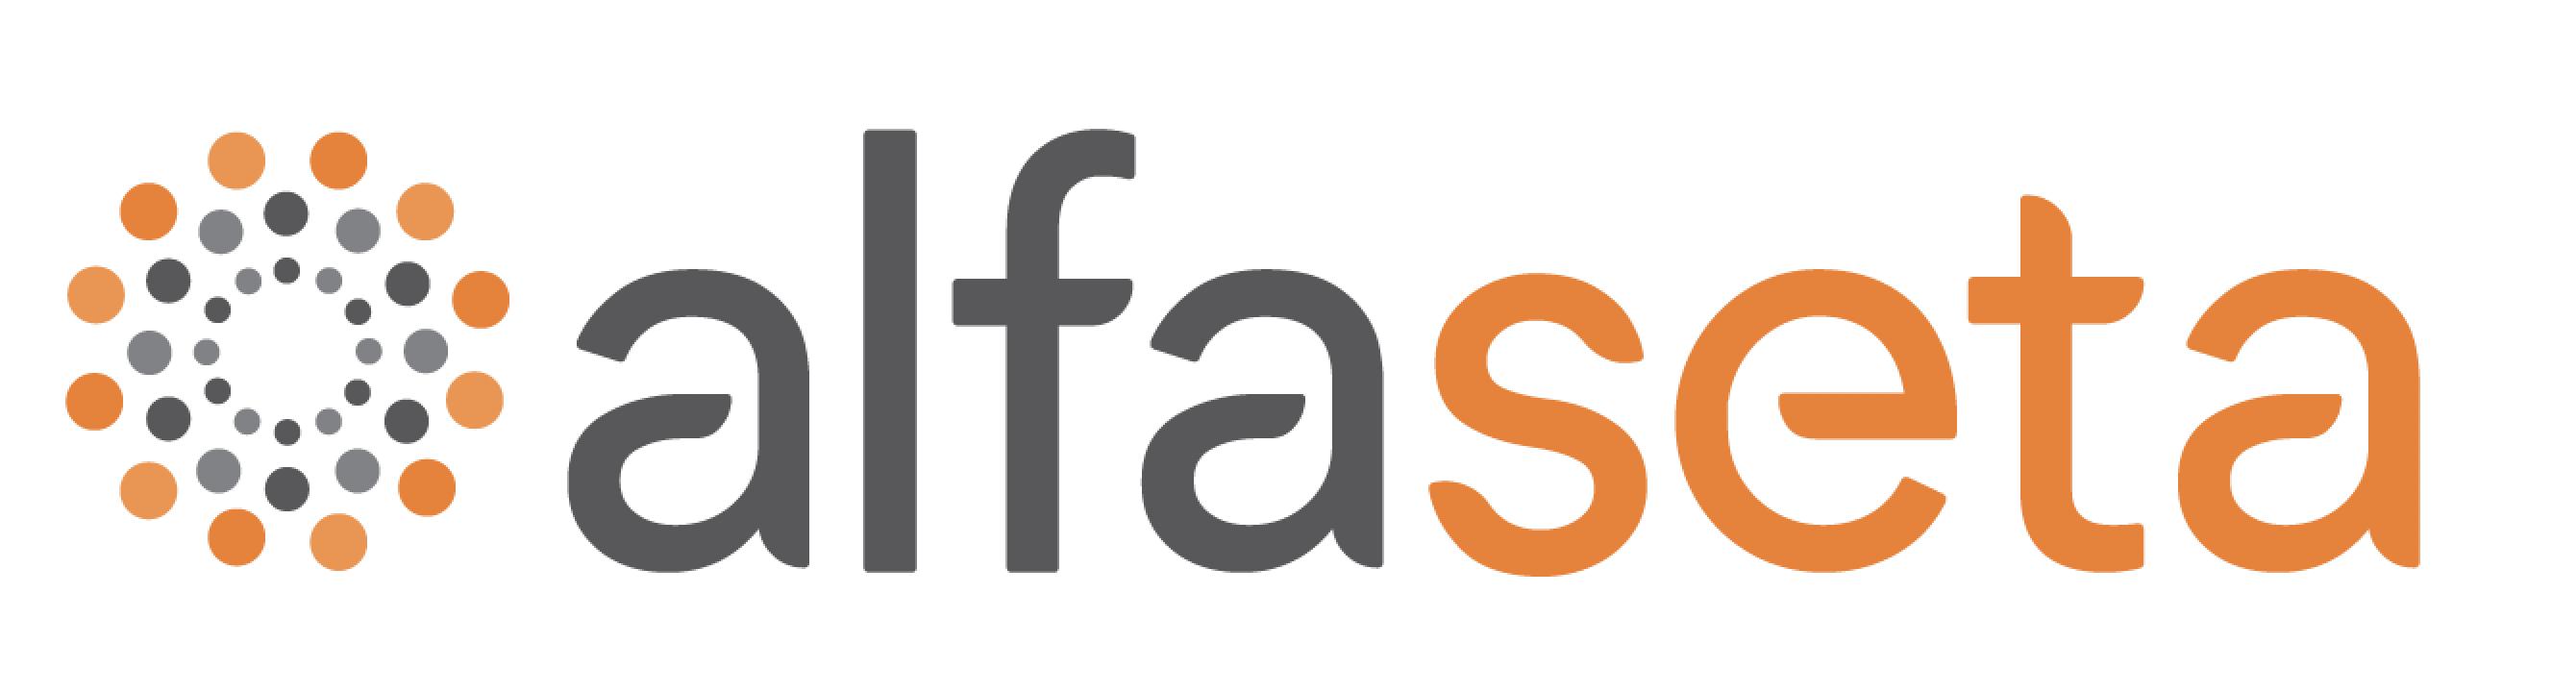 Empresas Desafio10x: AlfaSeta